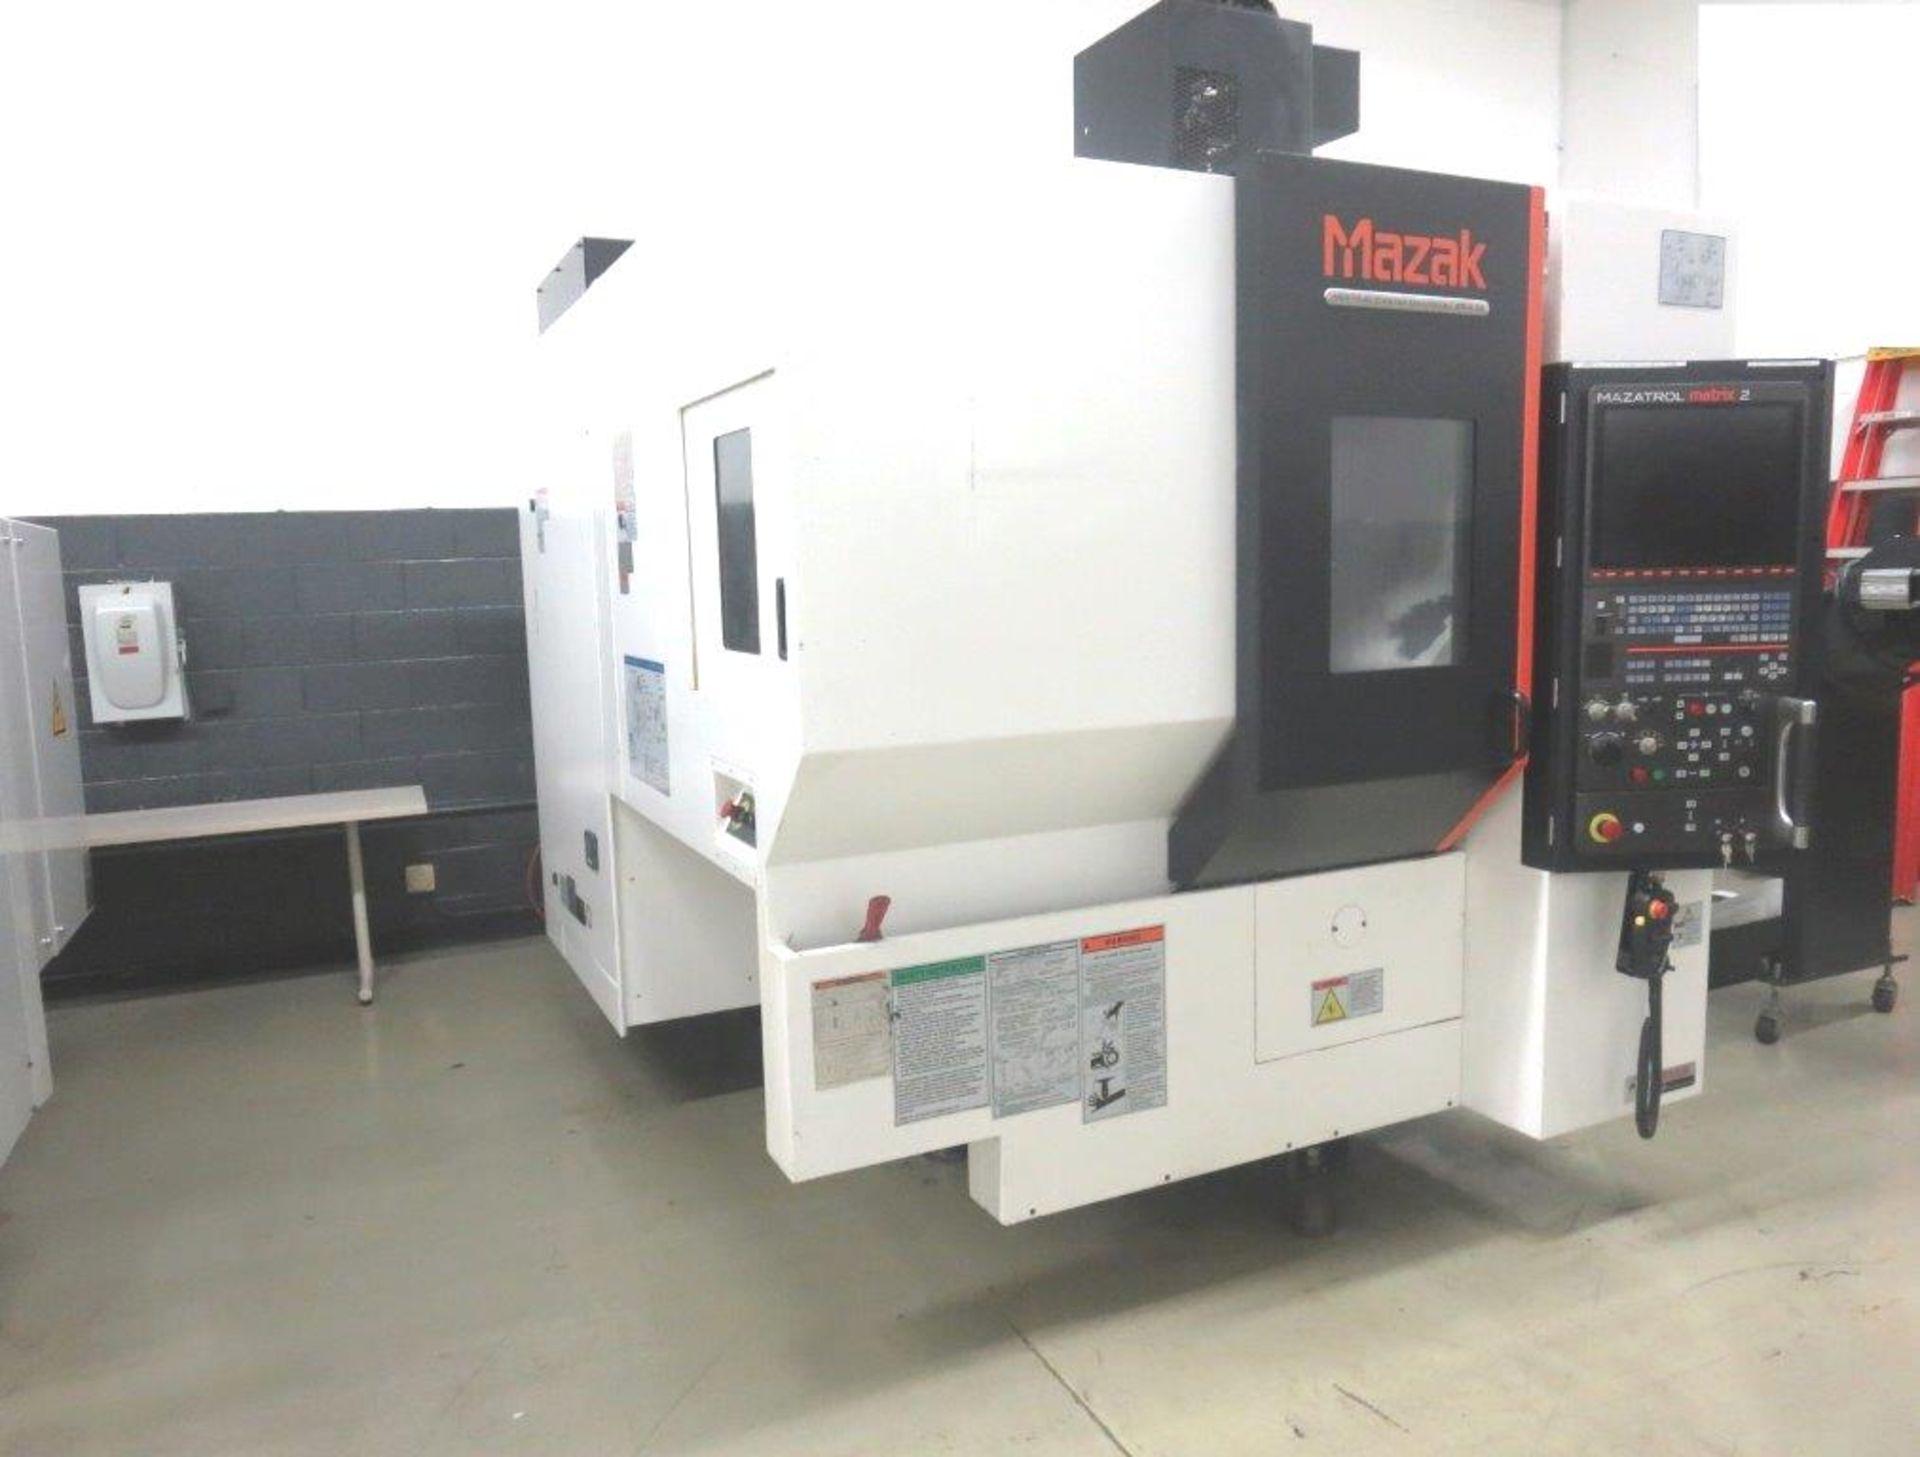 Lot 35 - Mazak VCU-400 5X CNC 5 Axis Vertical Machining Center